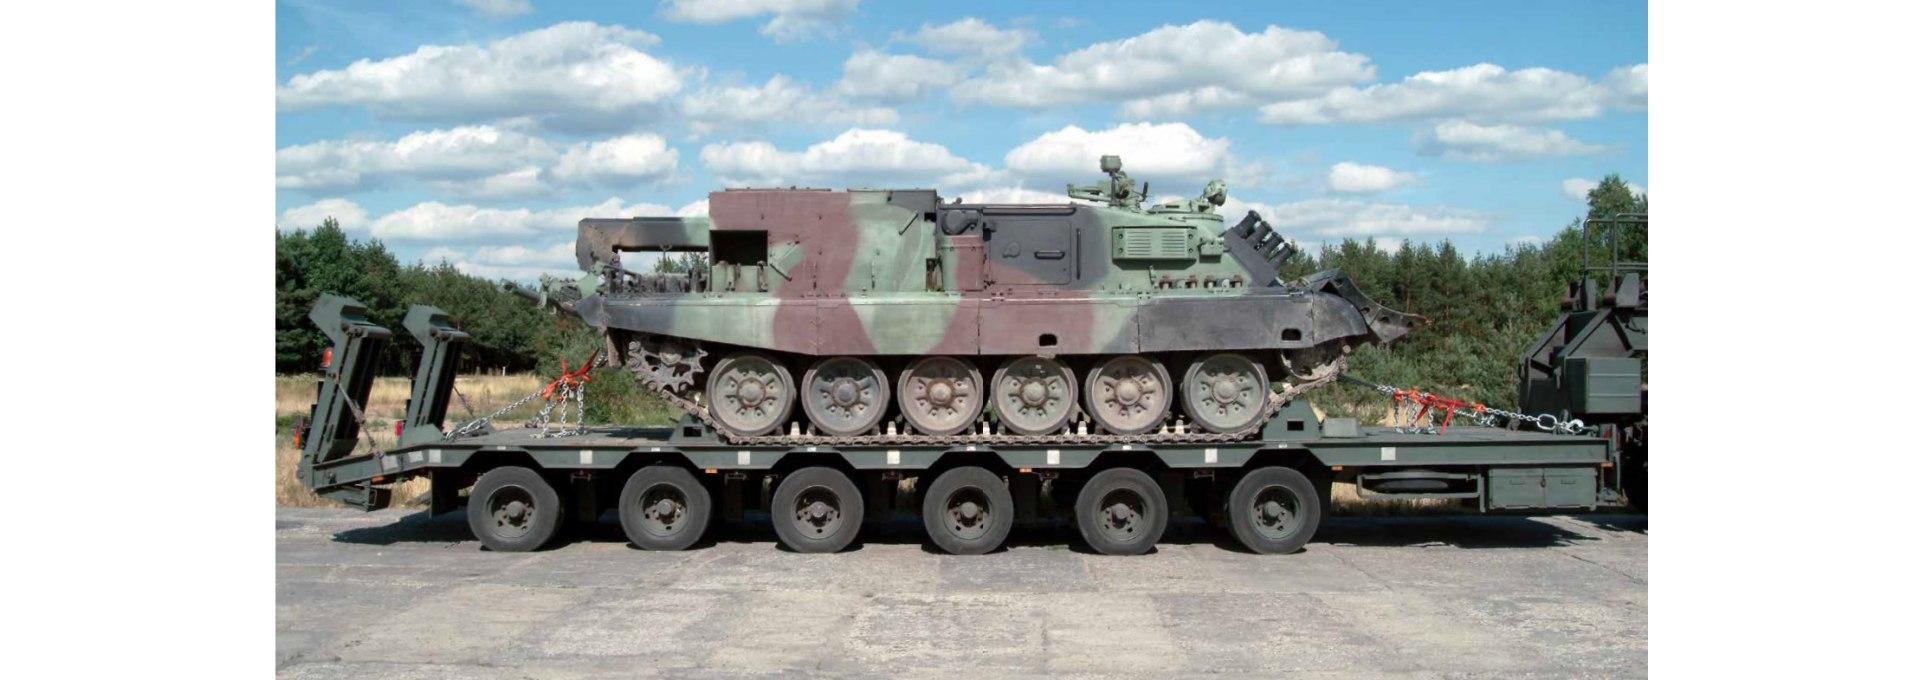 Correntes antiderrapantes e para amarração de cargas-Militar